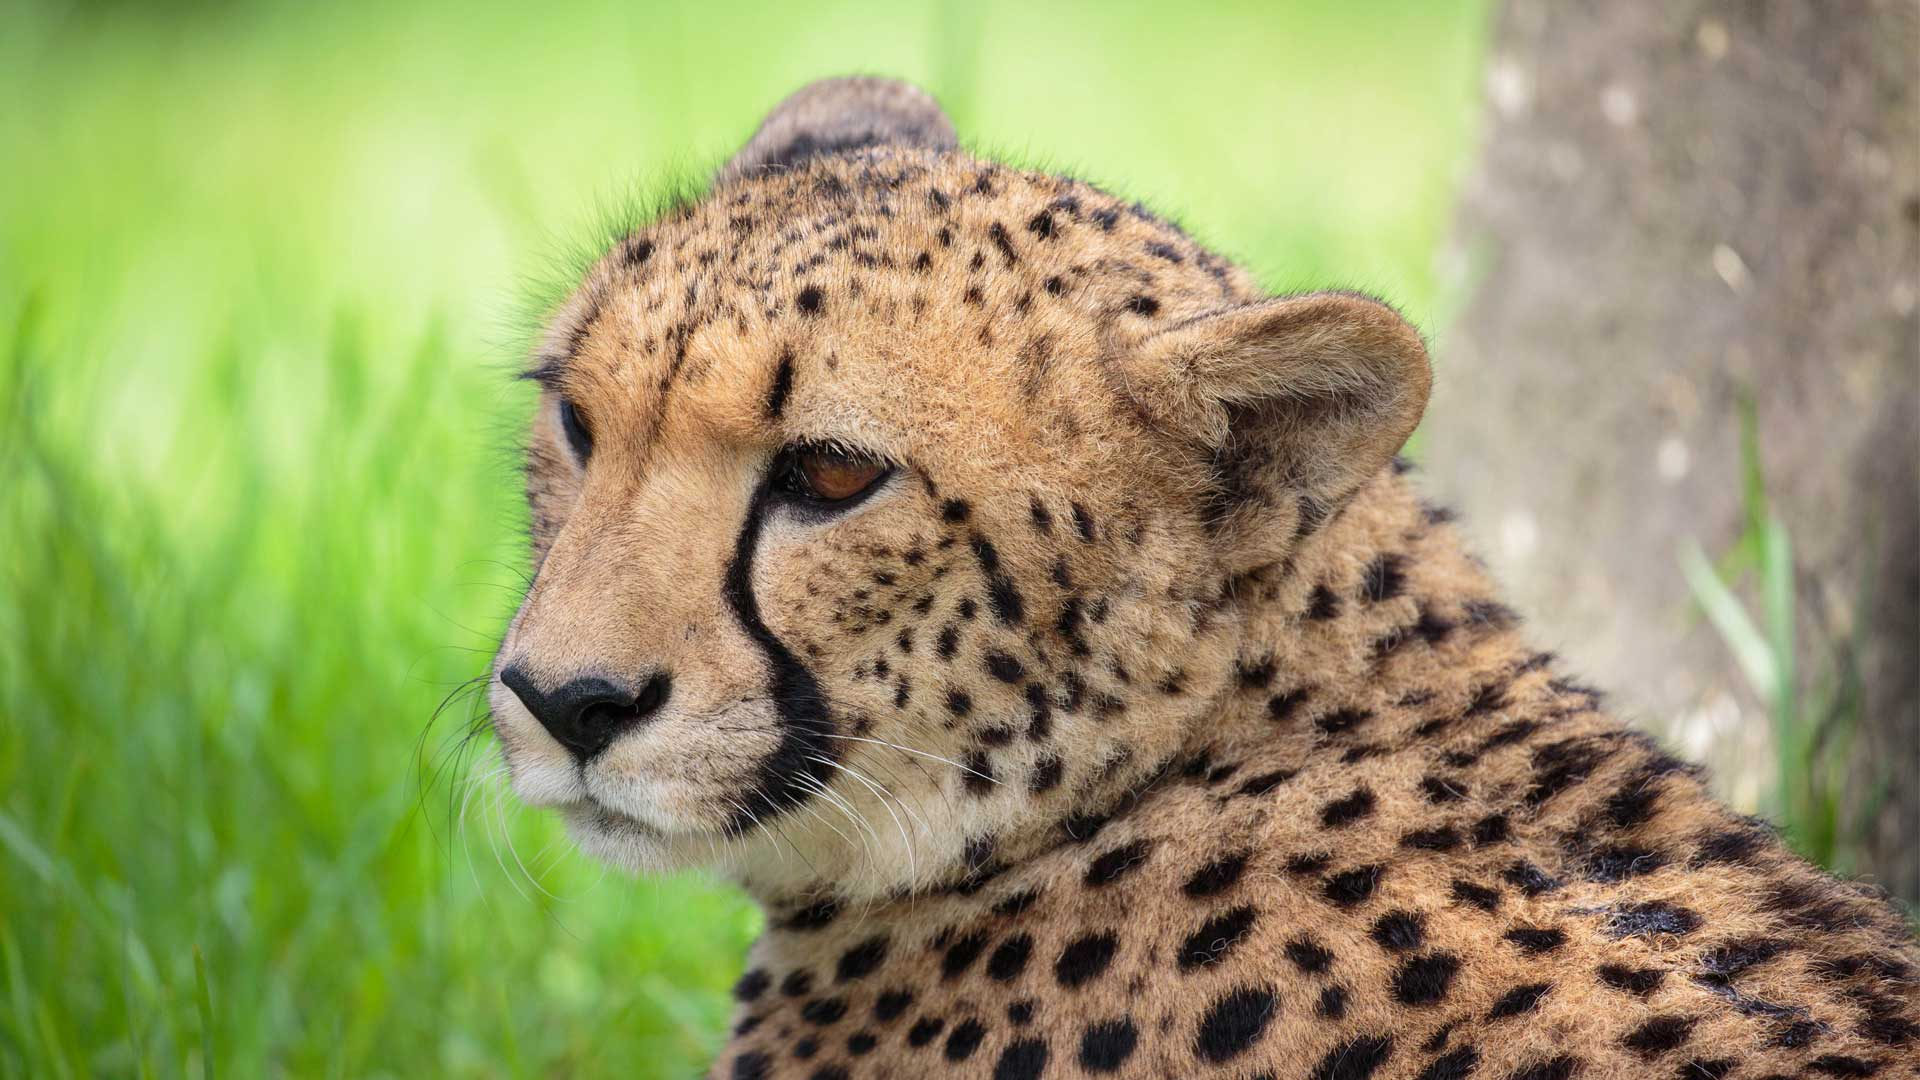 https://rfacdn.nz/zoo/assets/media/cheetah-girls-update-gallery-2.jpg